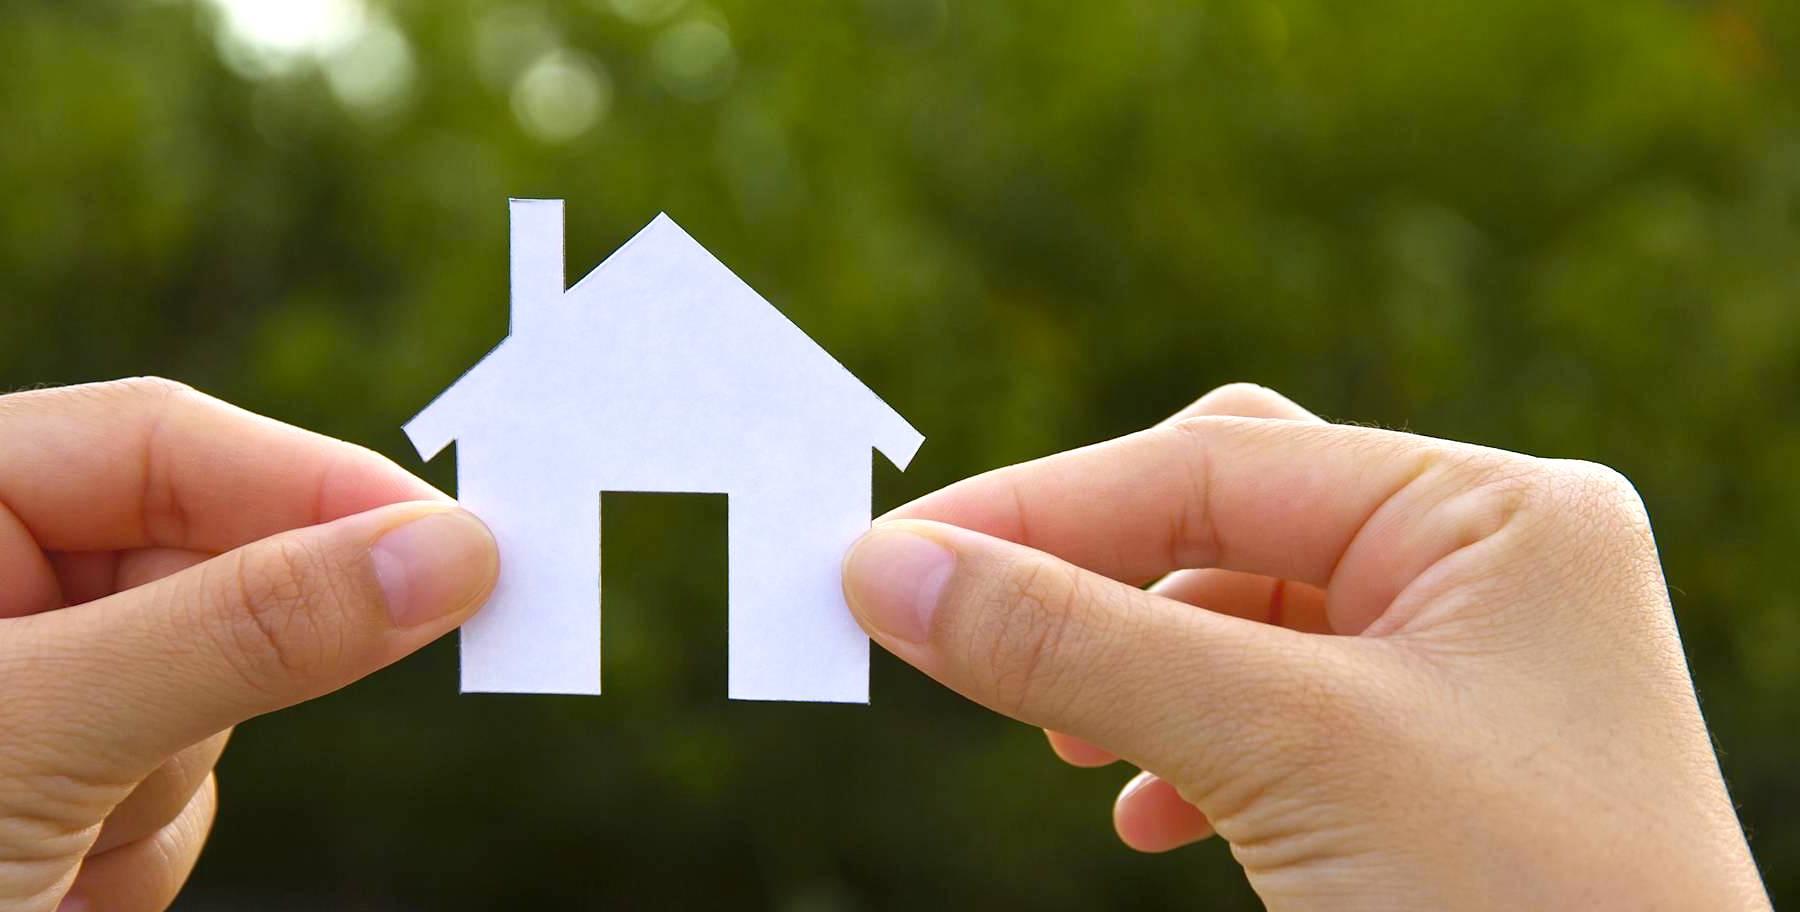 Legge di stabilità: quali novità sul mondo degli immobili?